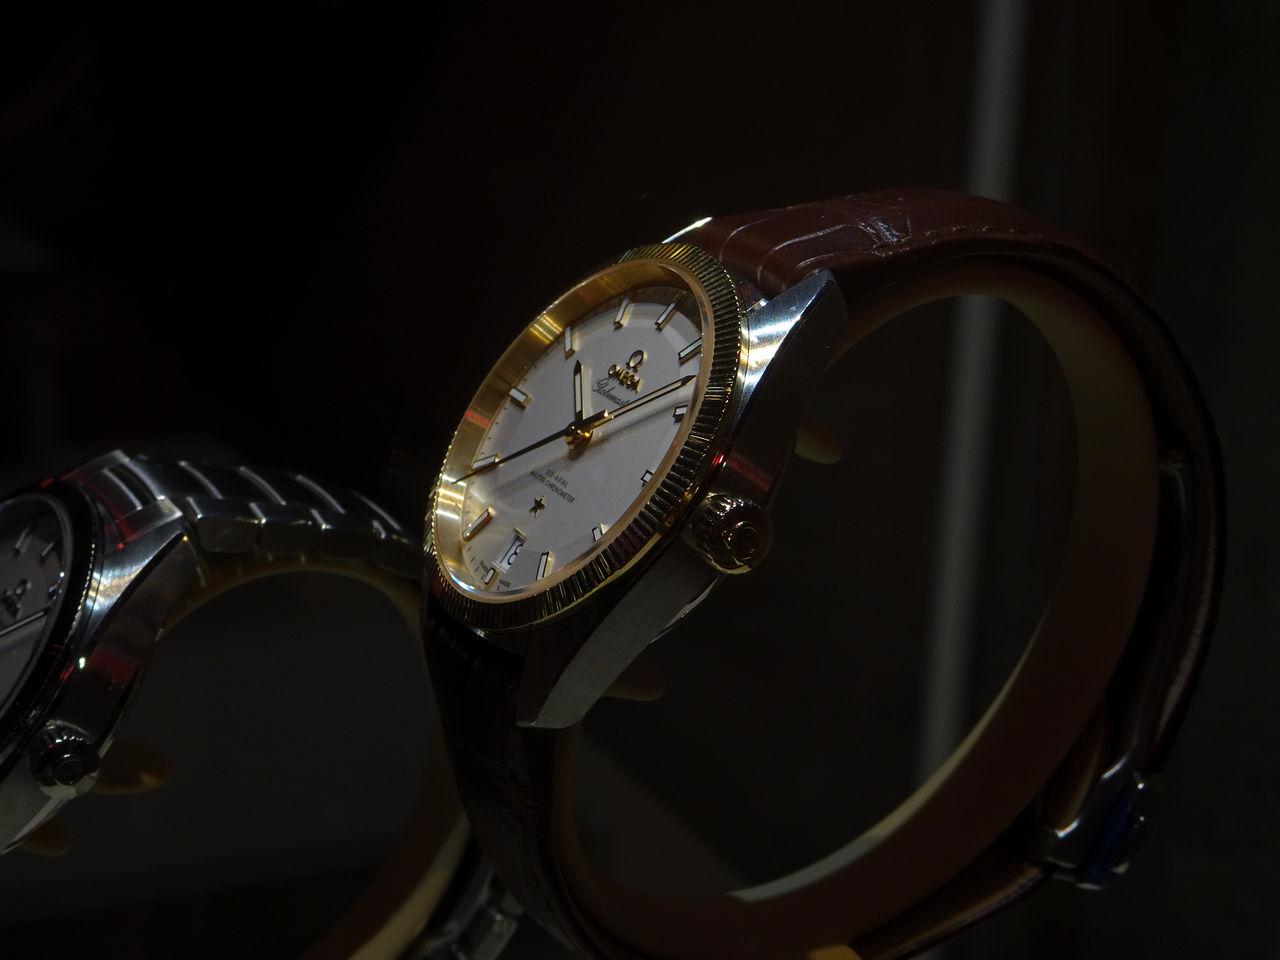 omega-presenta-la-collezione-globemaster-cracco-nina-zilli-milano-metas_0-10040